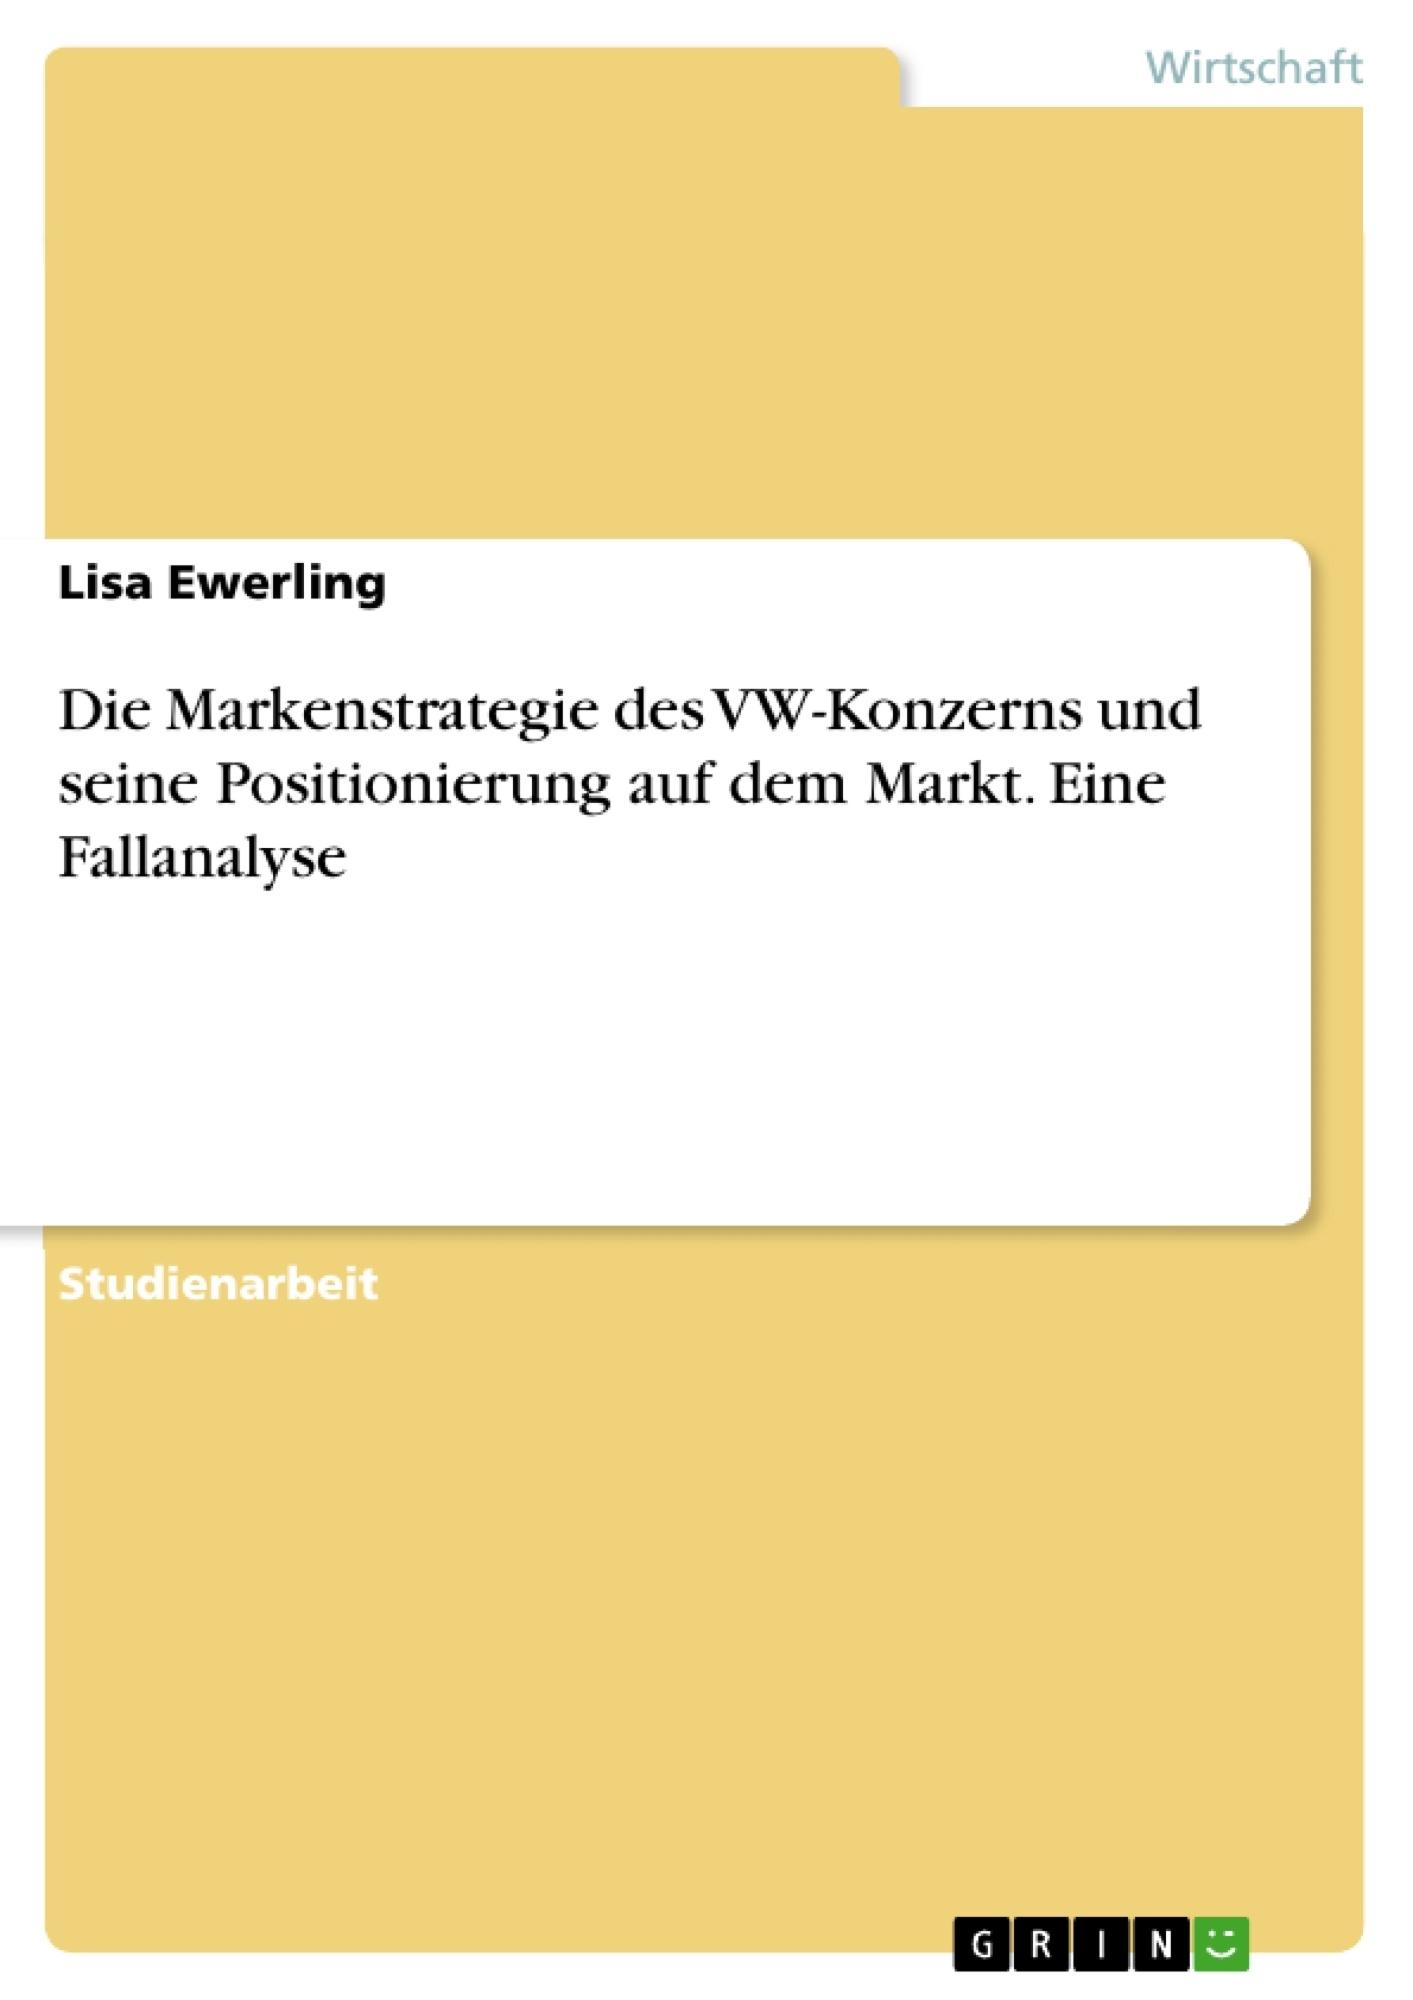 Titel: Die Markenstrategie des VW-Konzerns und seine Positionierung auf dem Markt. Eine Fallanalyse